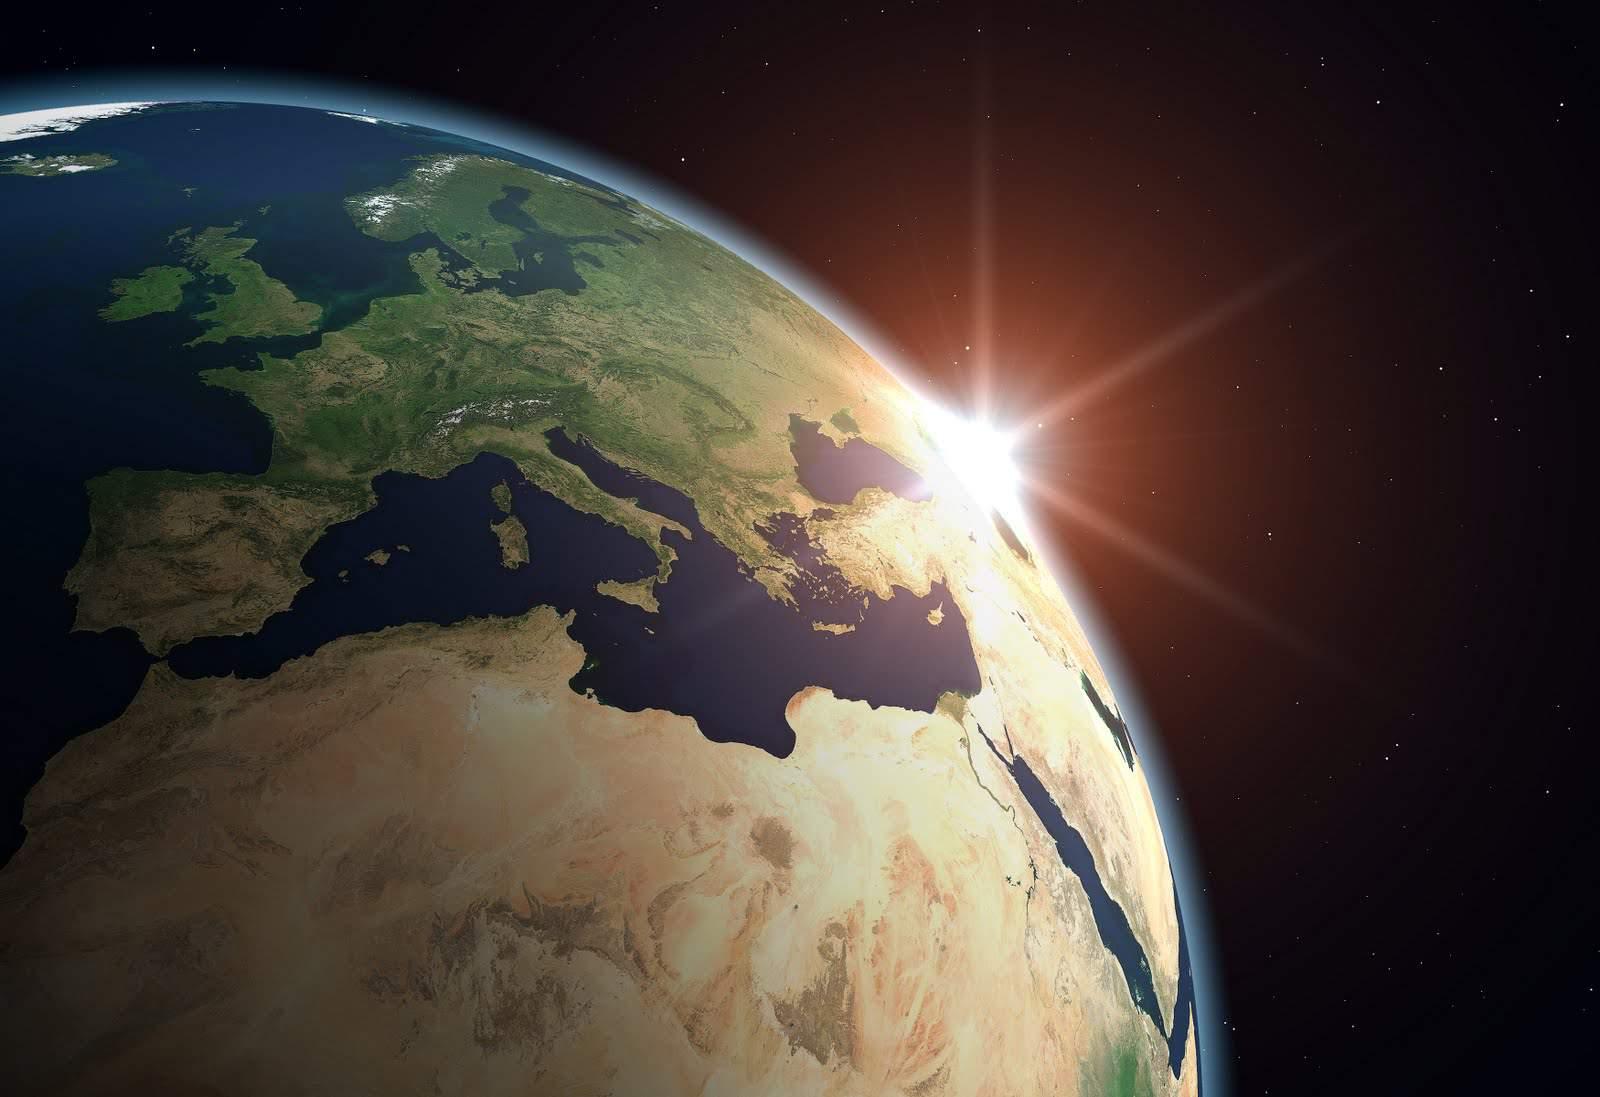 Este forma pământului plată sau sferică?